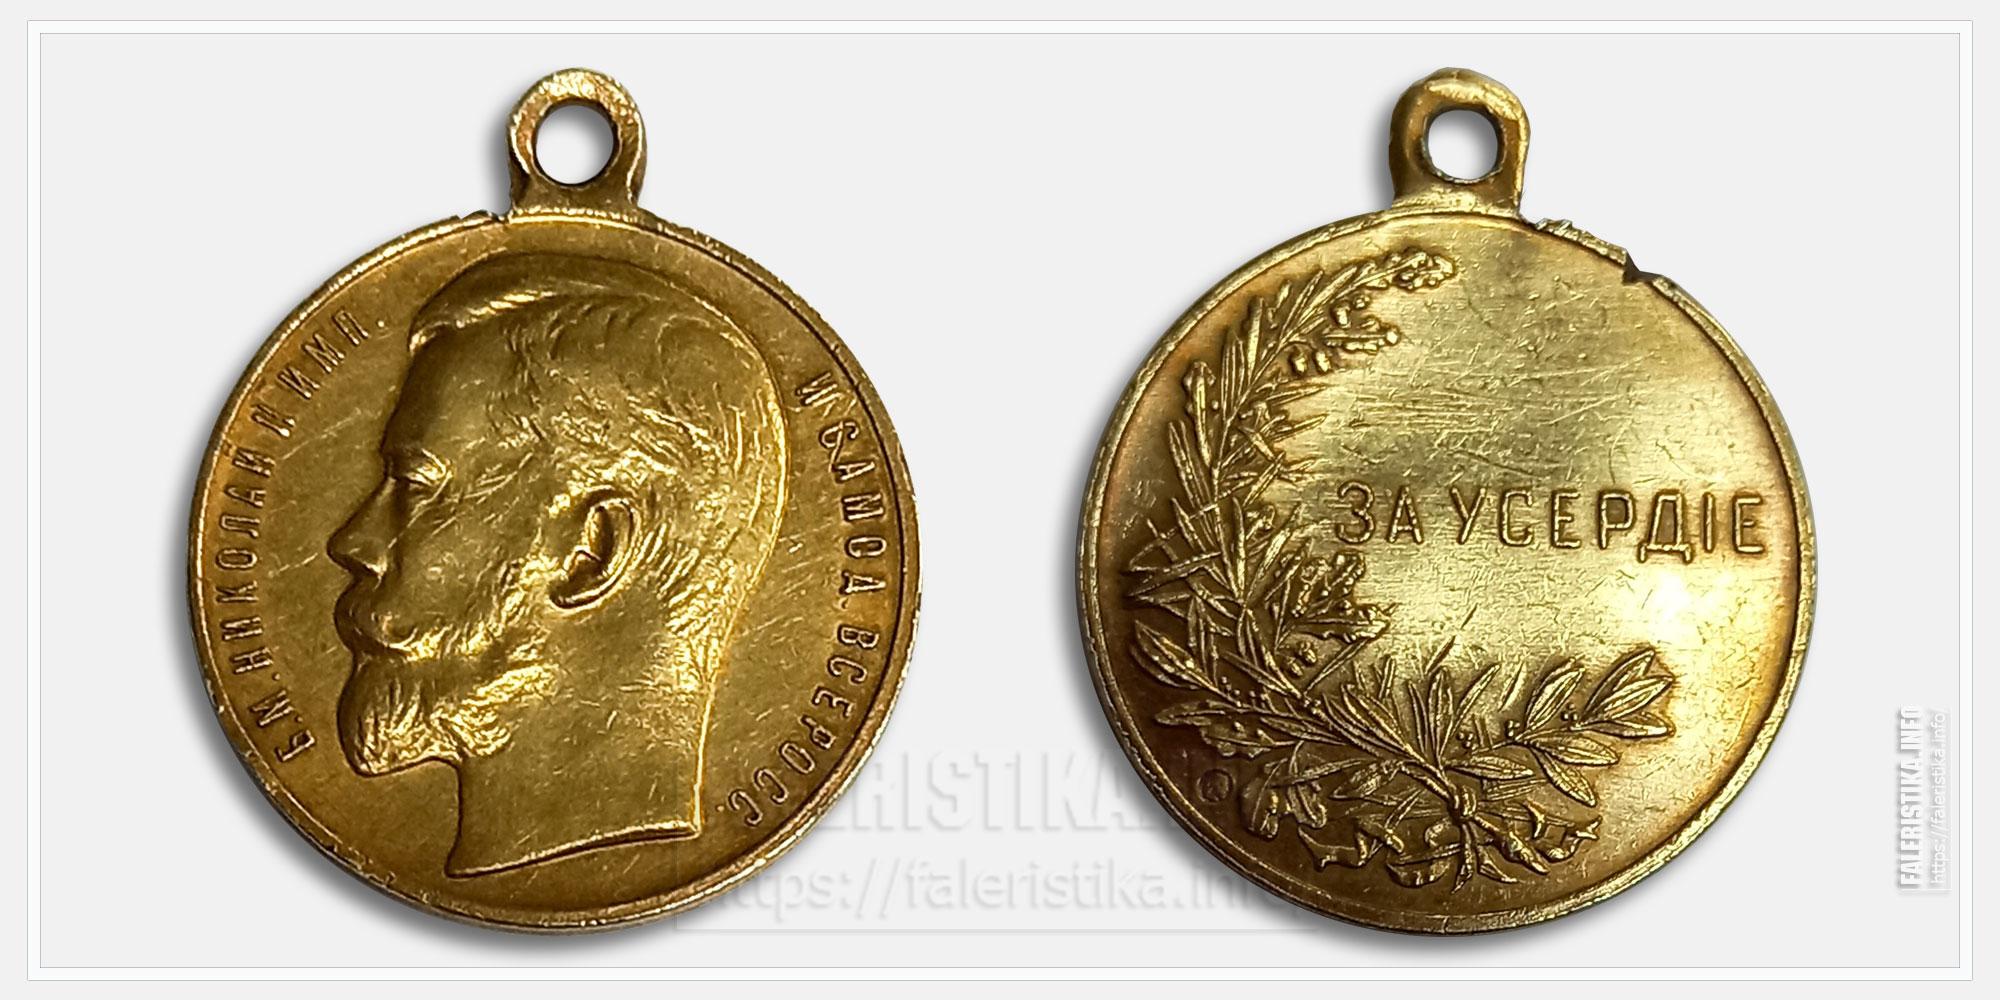 """Медаль """"За усердие"""" Николай II Золото"""